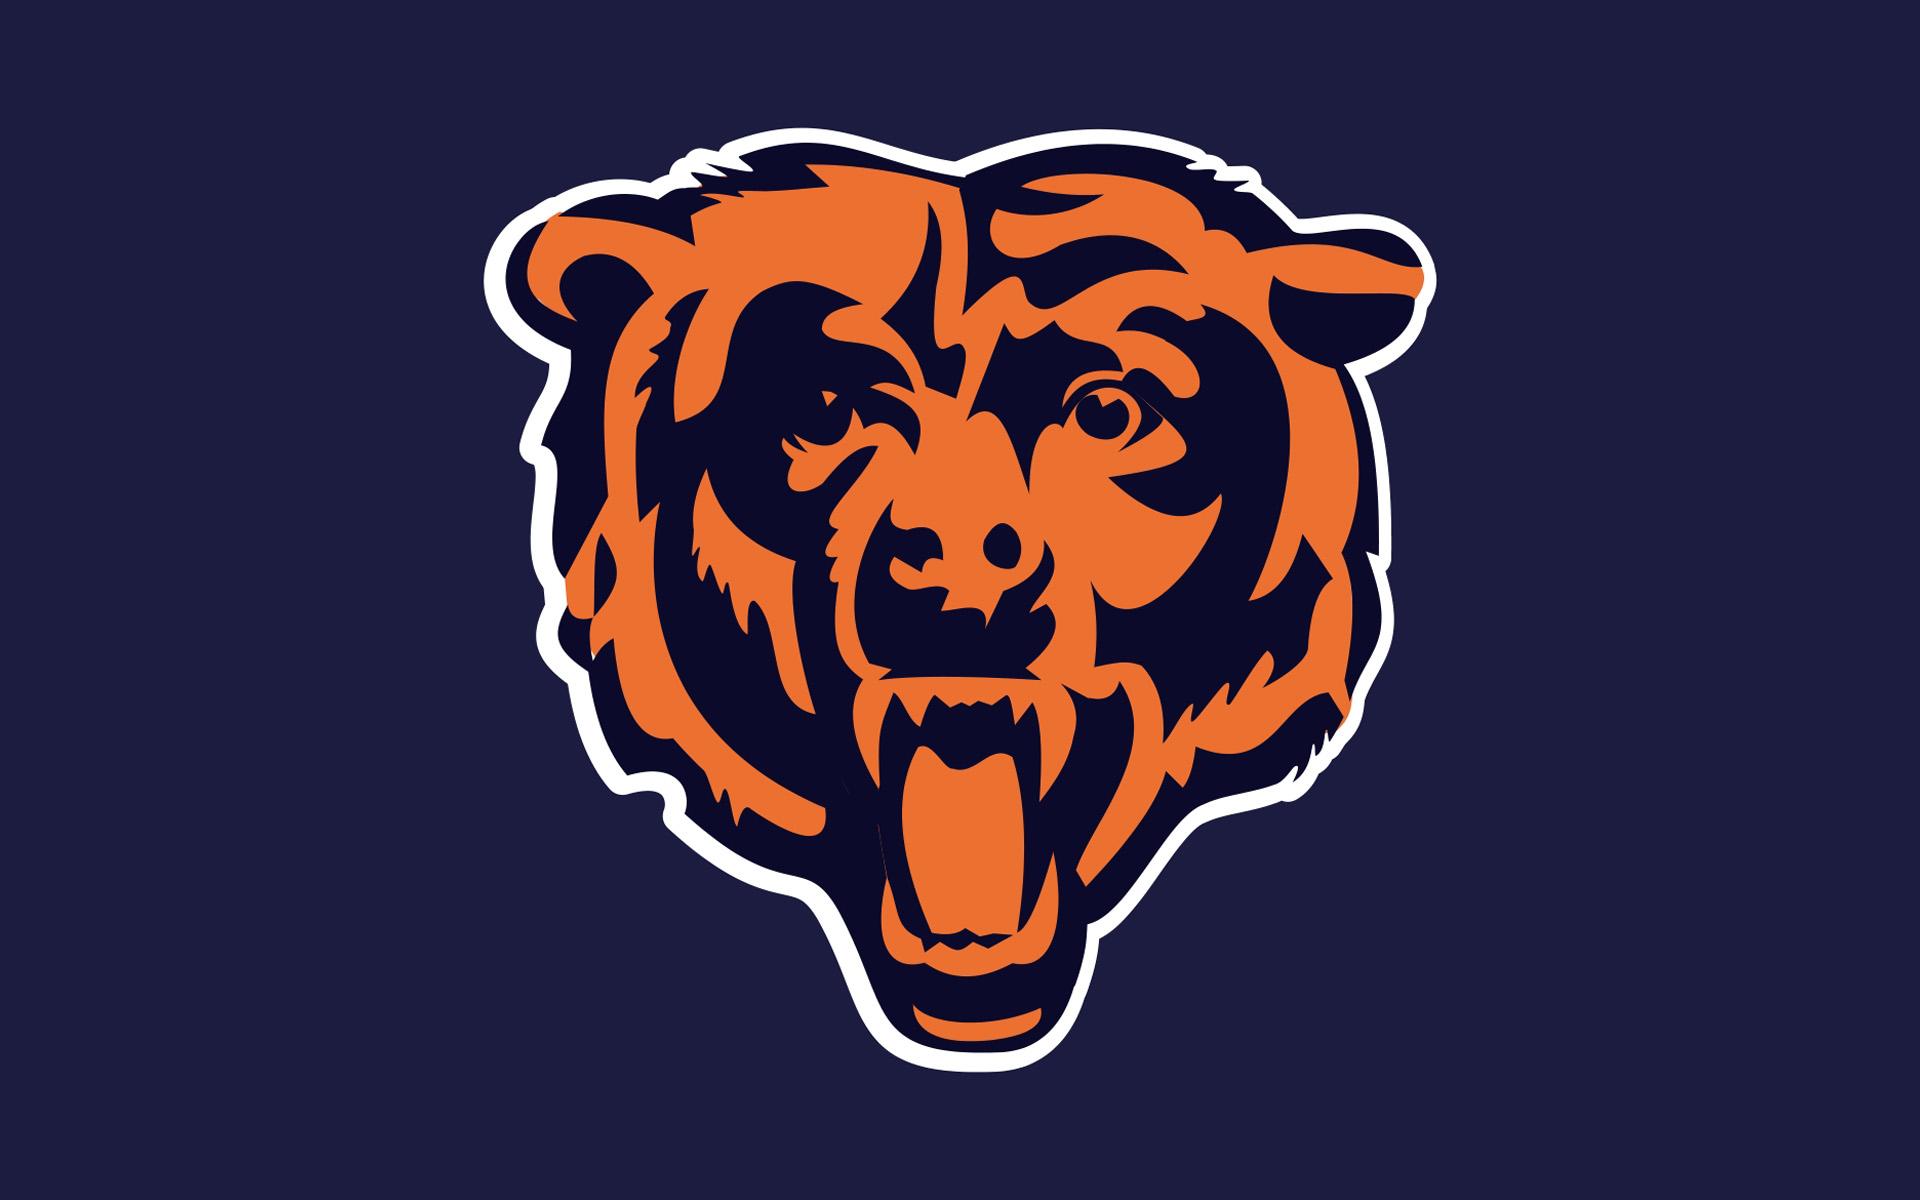 Chicago Bears Wallpaper   Dr Odd 1920x1200